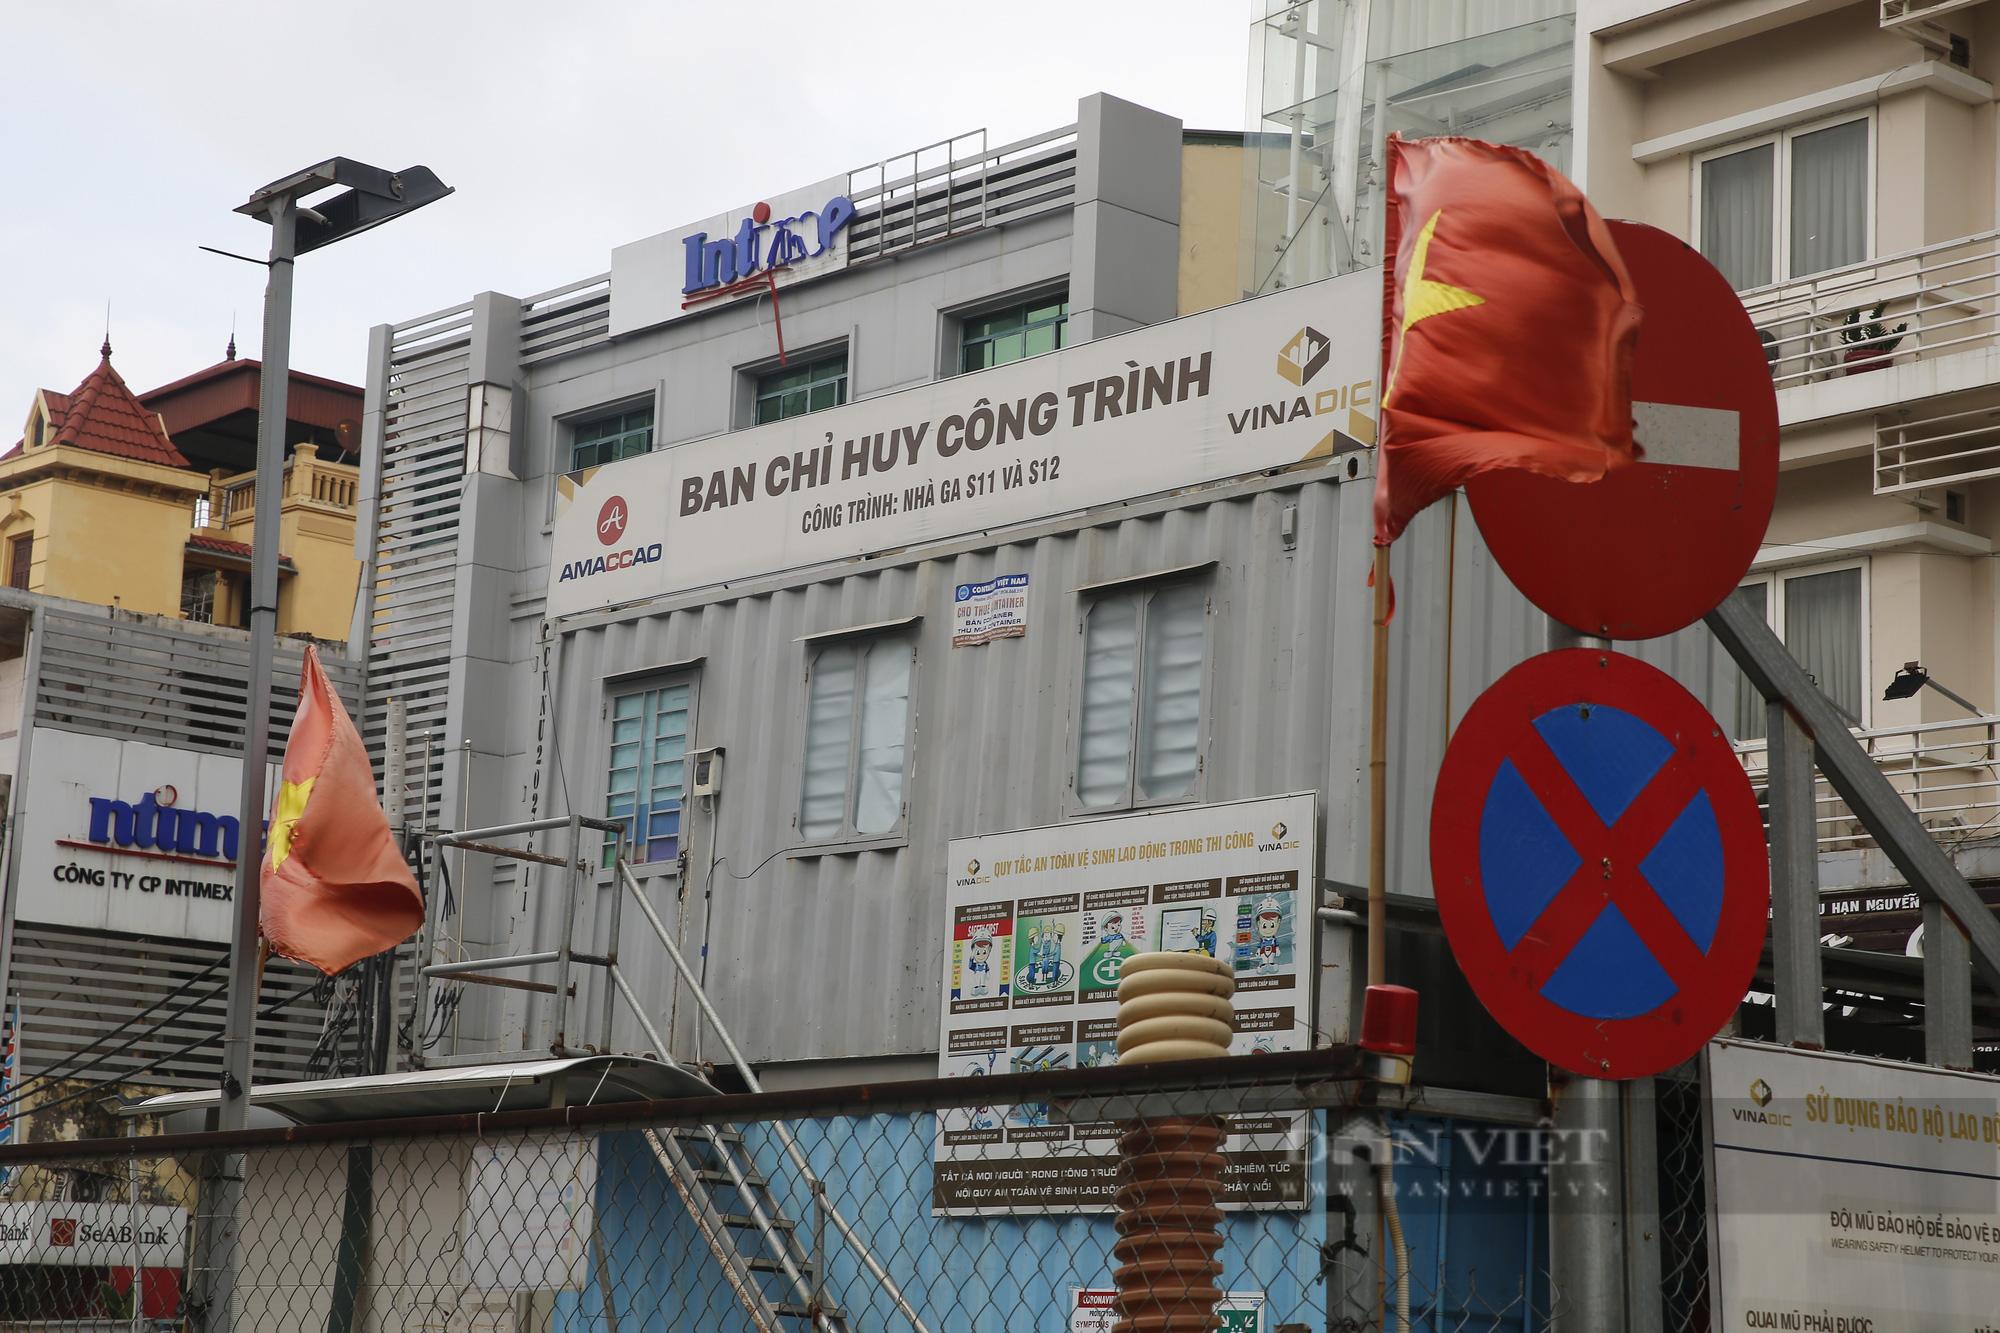 Cận cảnh khu vực ga ngầm tuyến Metro Nhổn - ga Hà Nội bị dừng thi công - Ảnh 2.